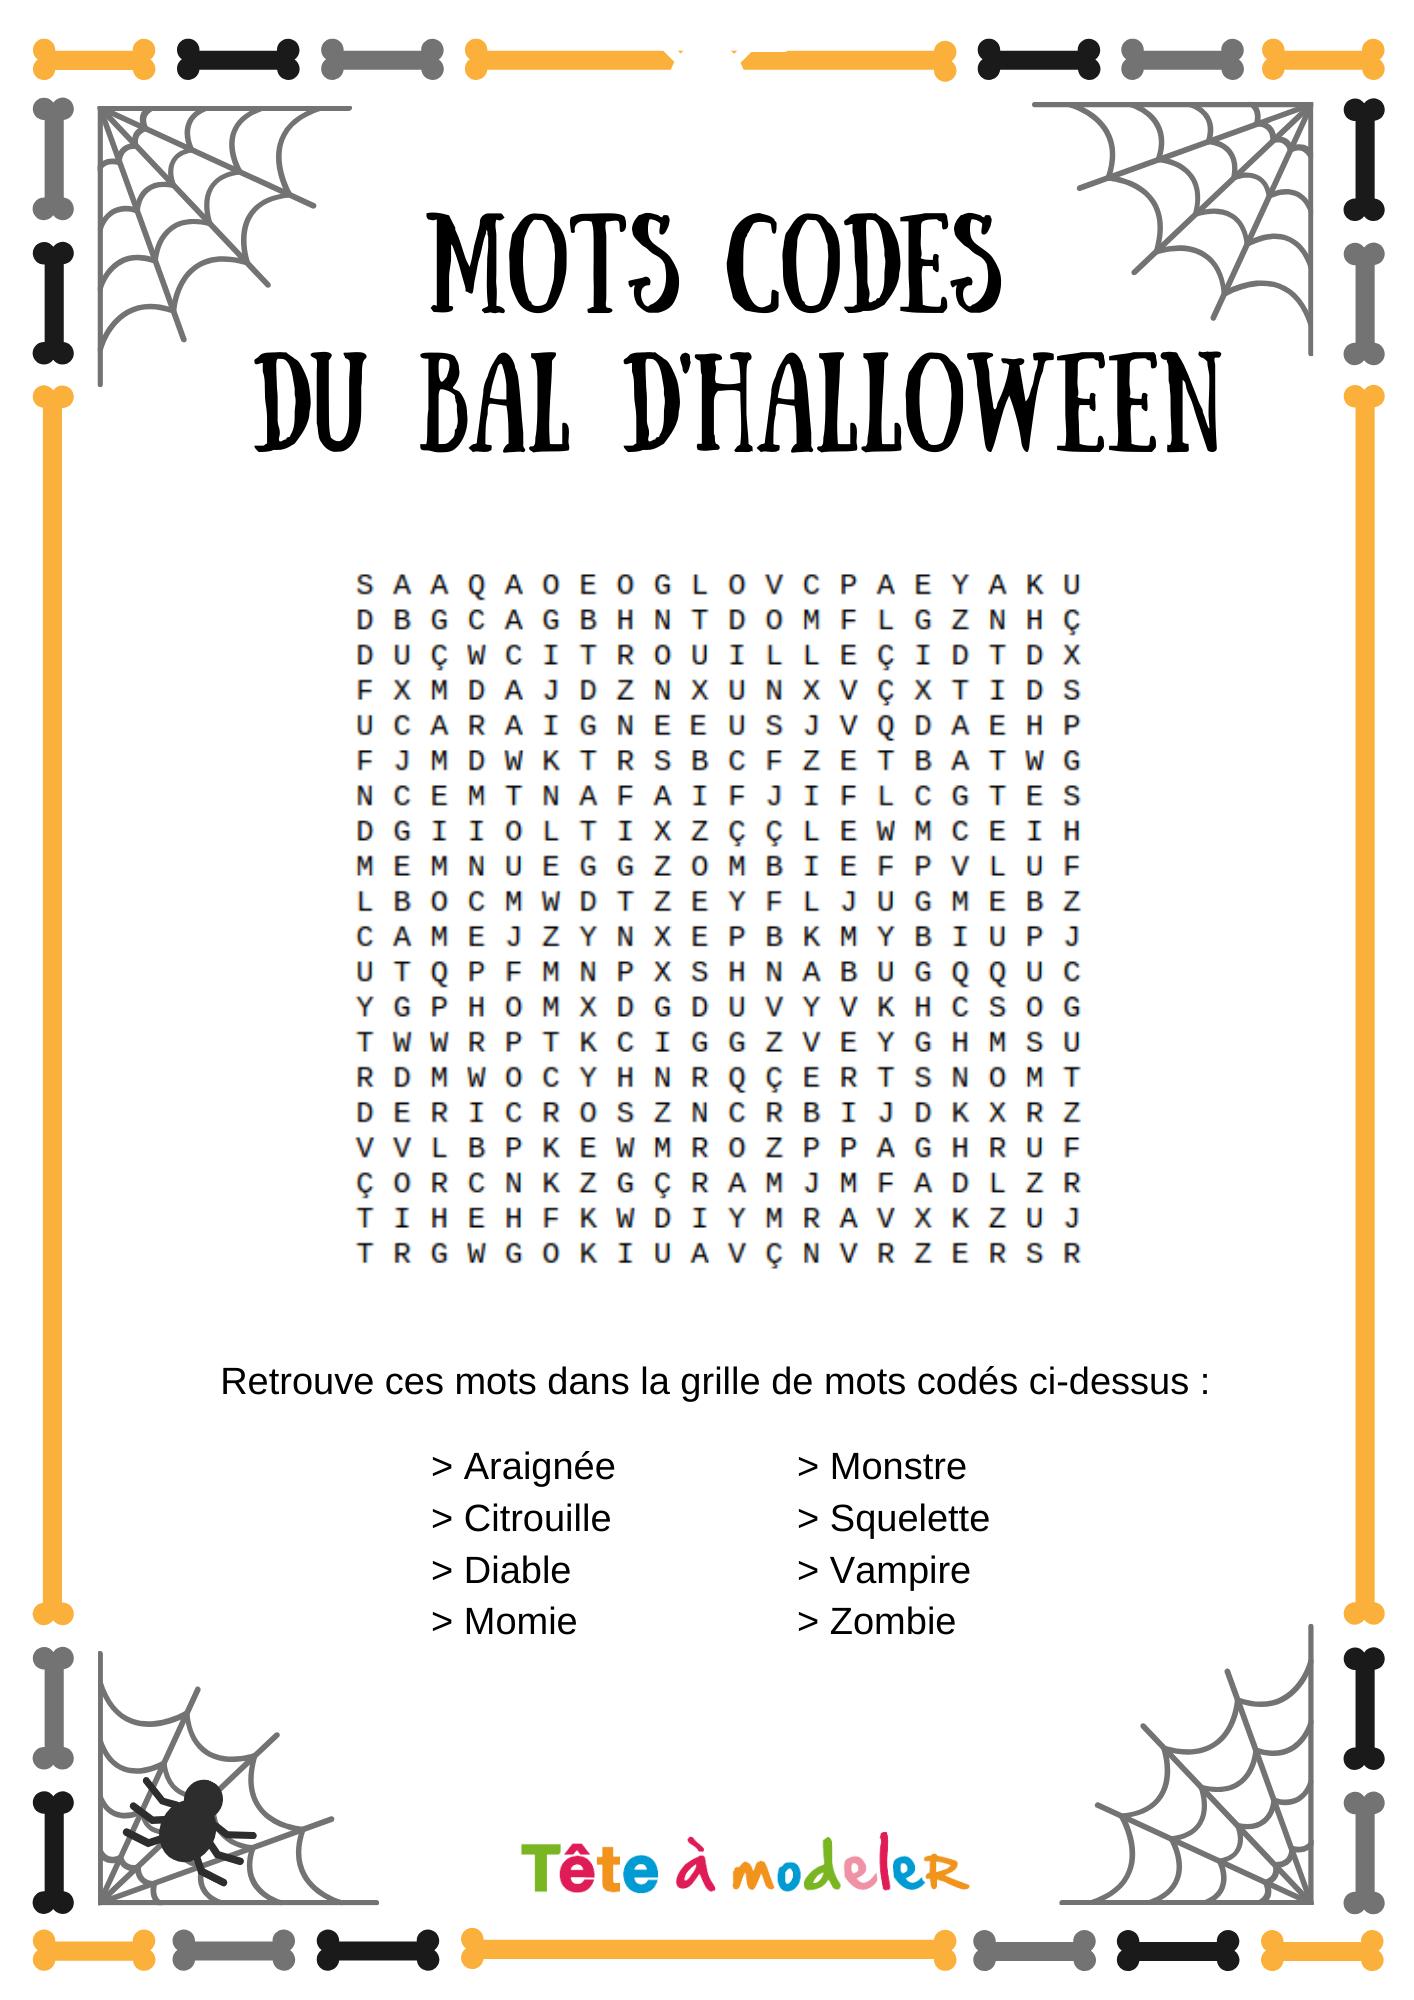 Mots Codés Halloween #1 - Un Jeu À Imprimer De Tête À Modeler intérieur Mots Codés À Imprimer